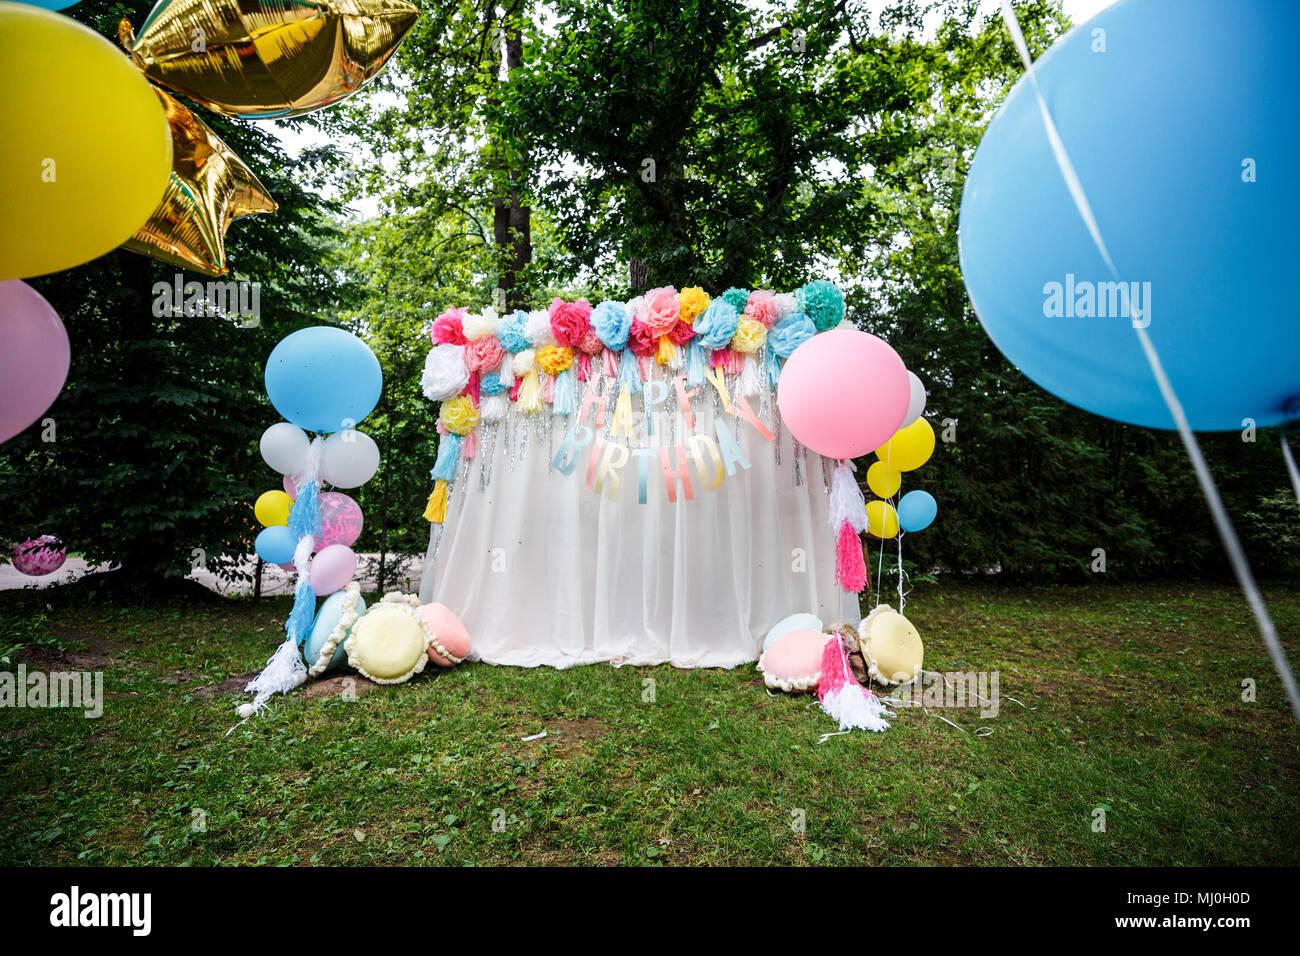 abbastanza Decorazione con palloncini per un bambino festa di compleanno Foto LR14